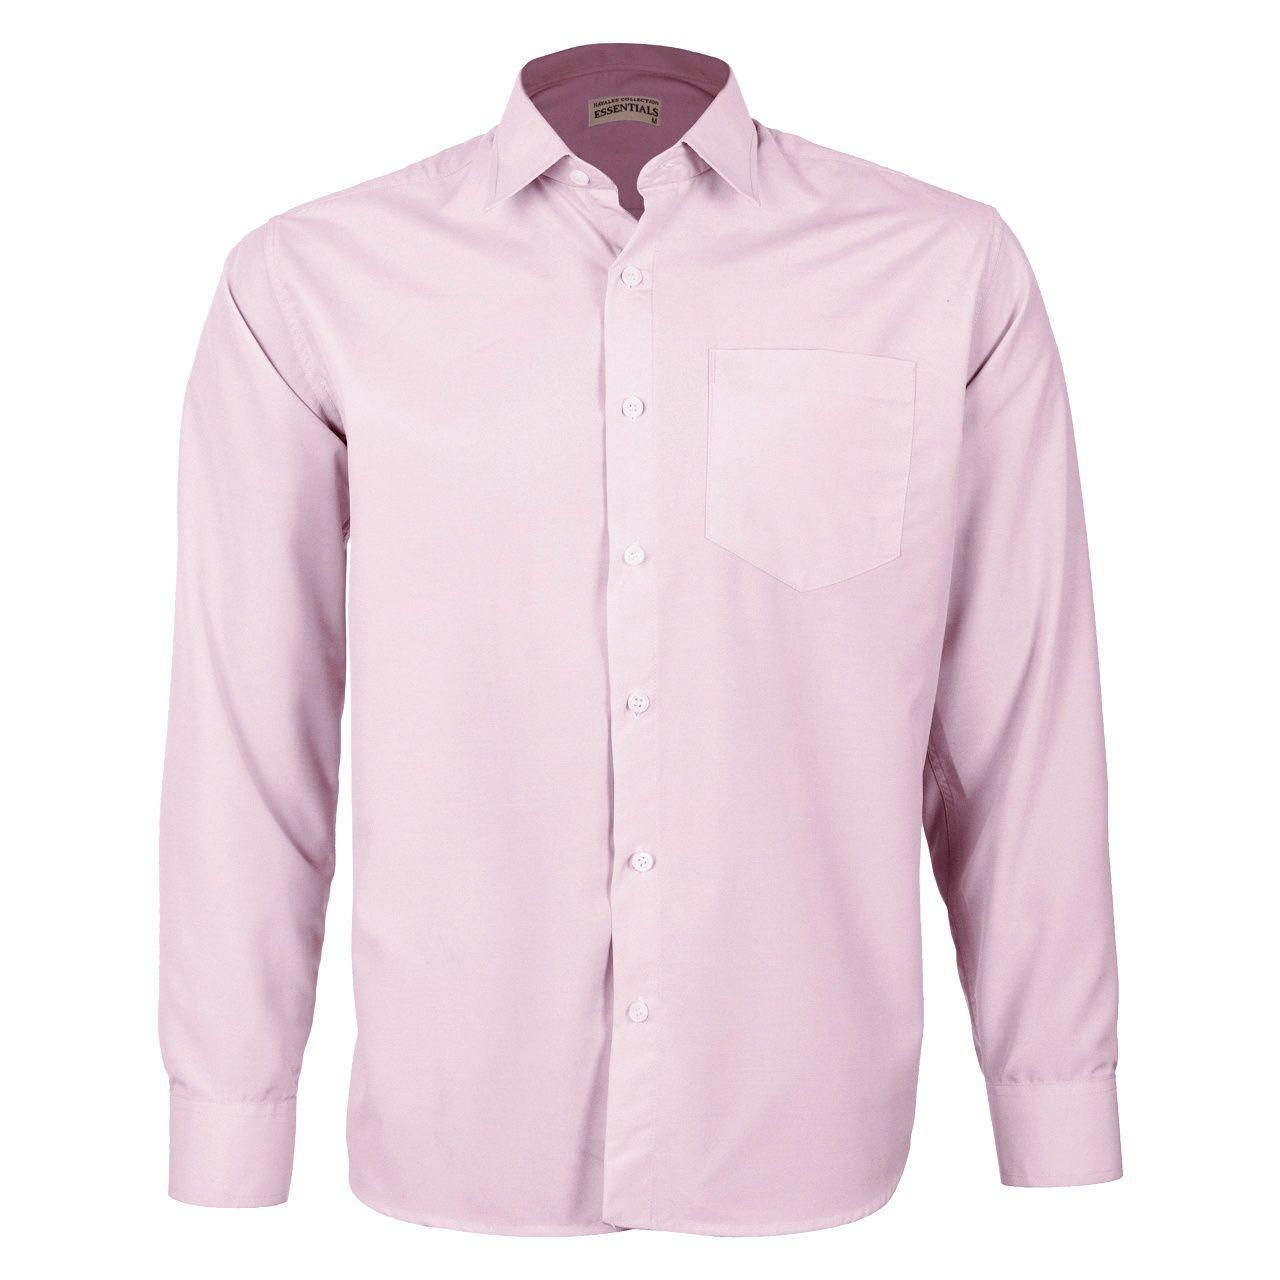 پیراهن مردانه ناوالس کد Tet-pk -  - 2